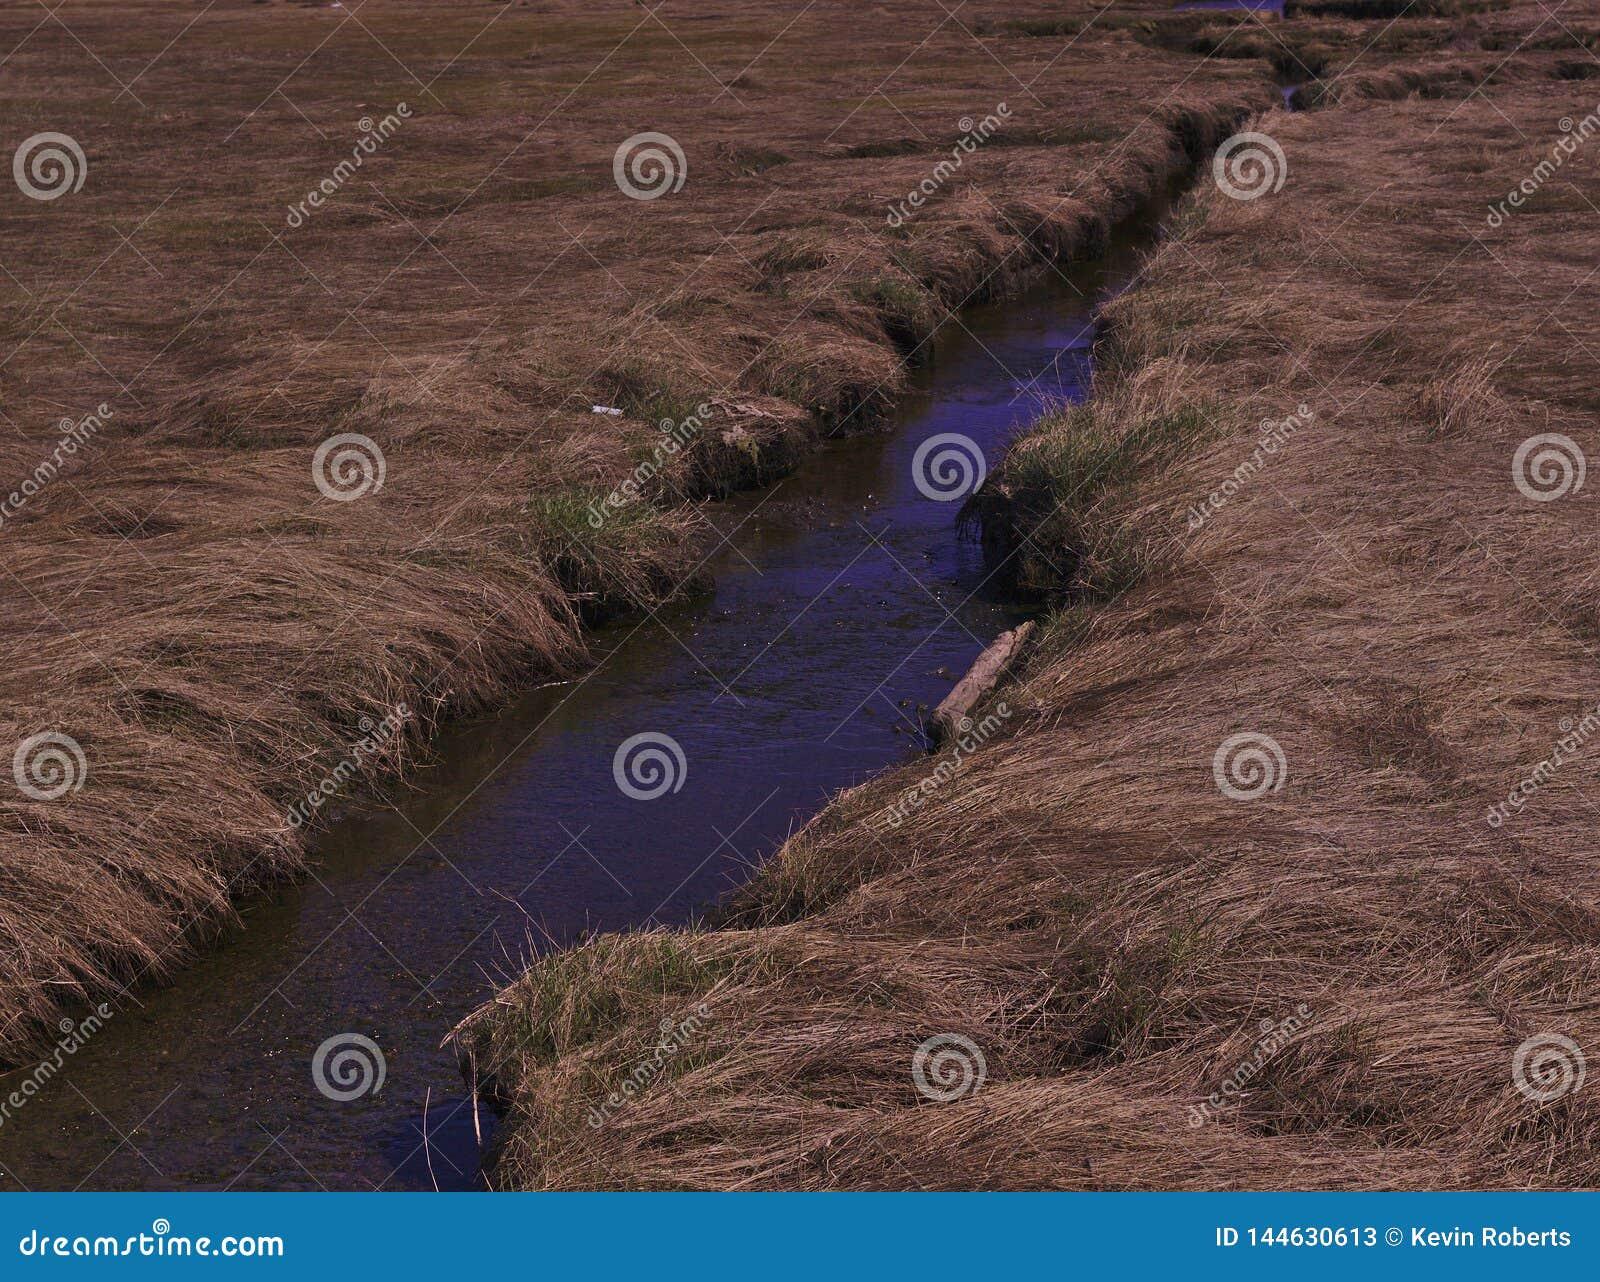 Crecimiento 3485 de la hierba del marrón del arroyo nuevo